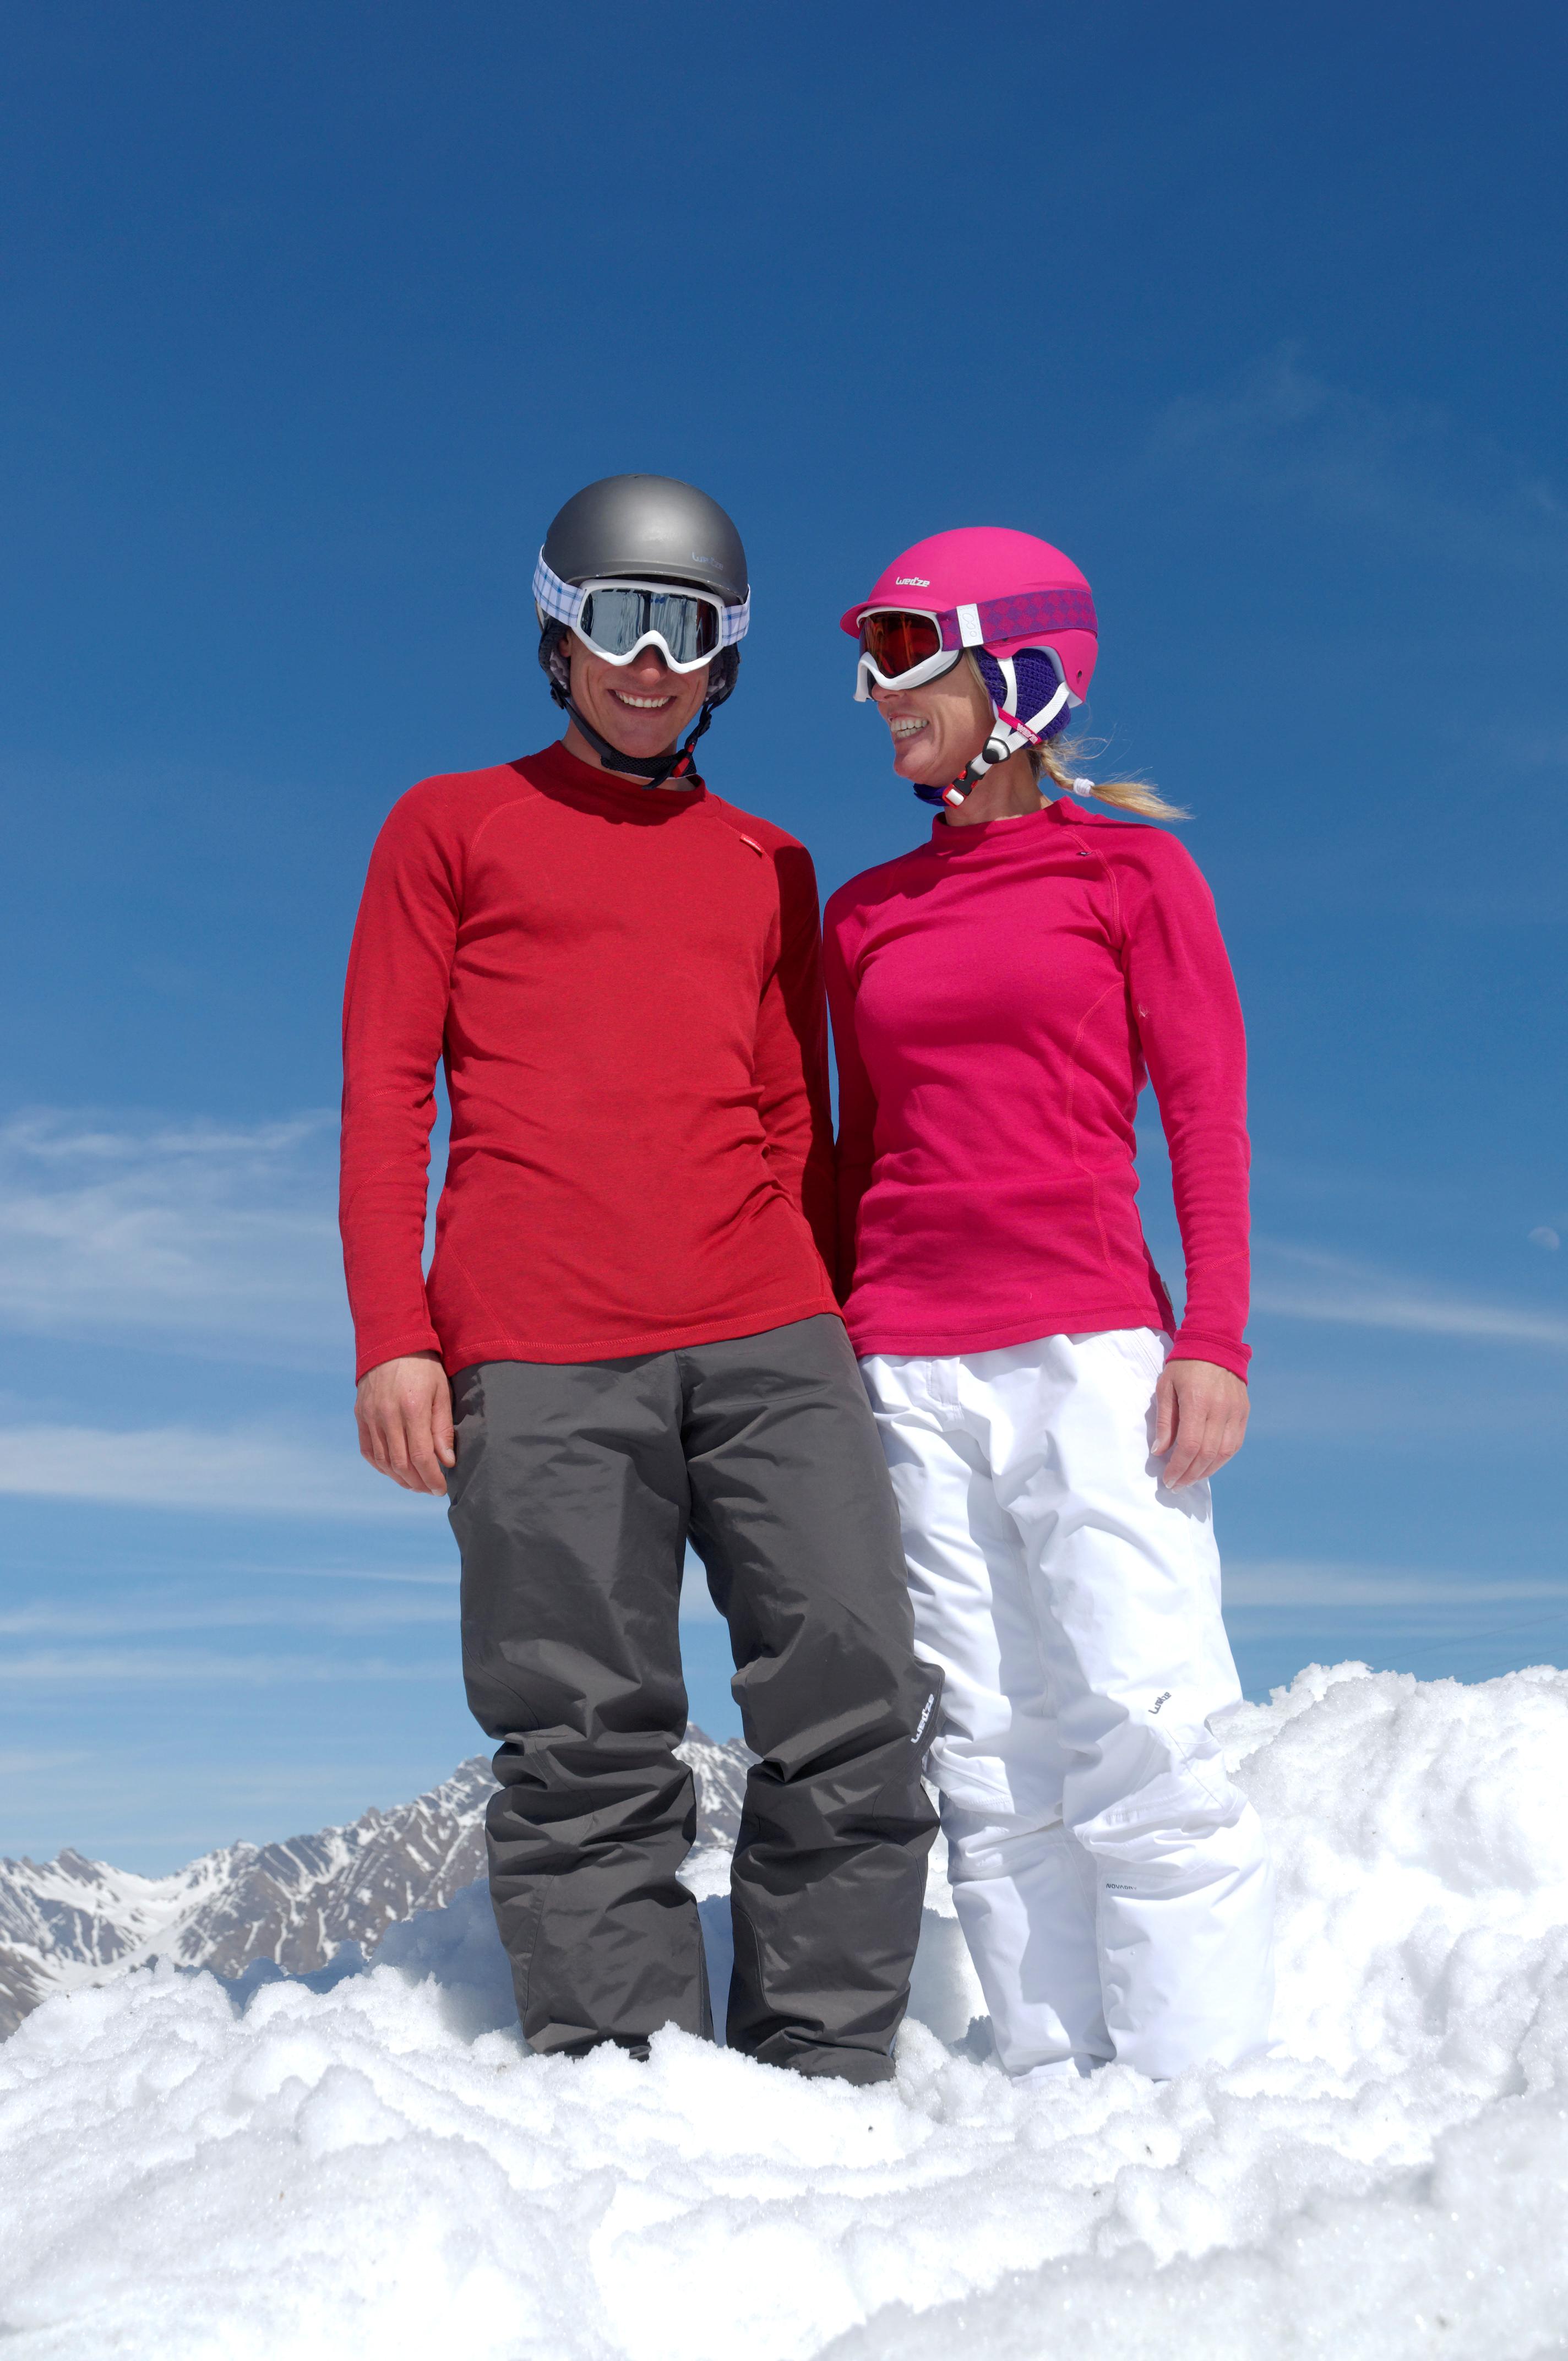 Des habits de ski pour grands et petits